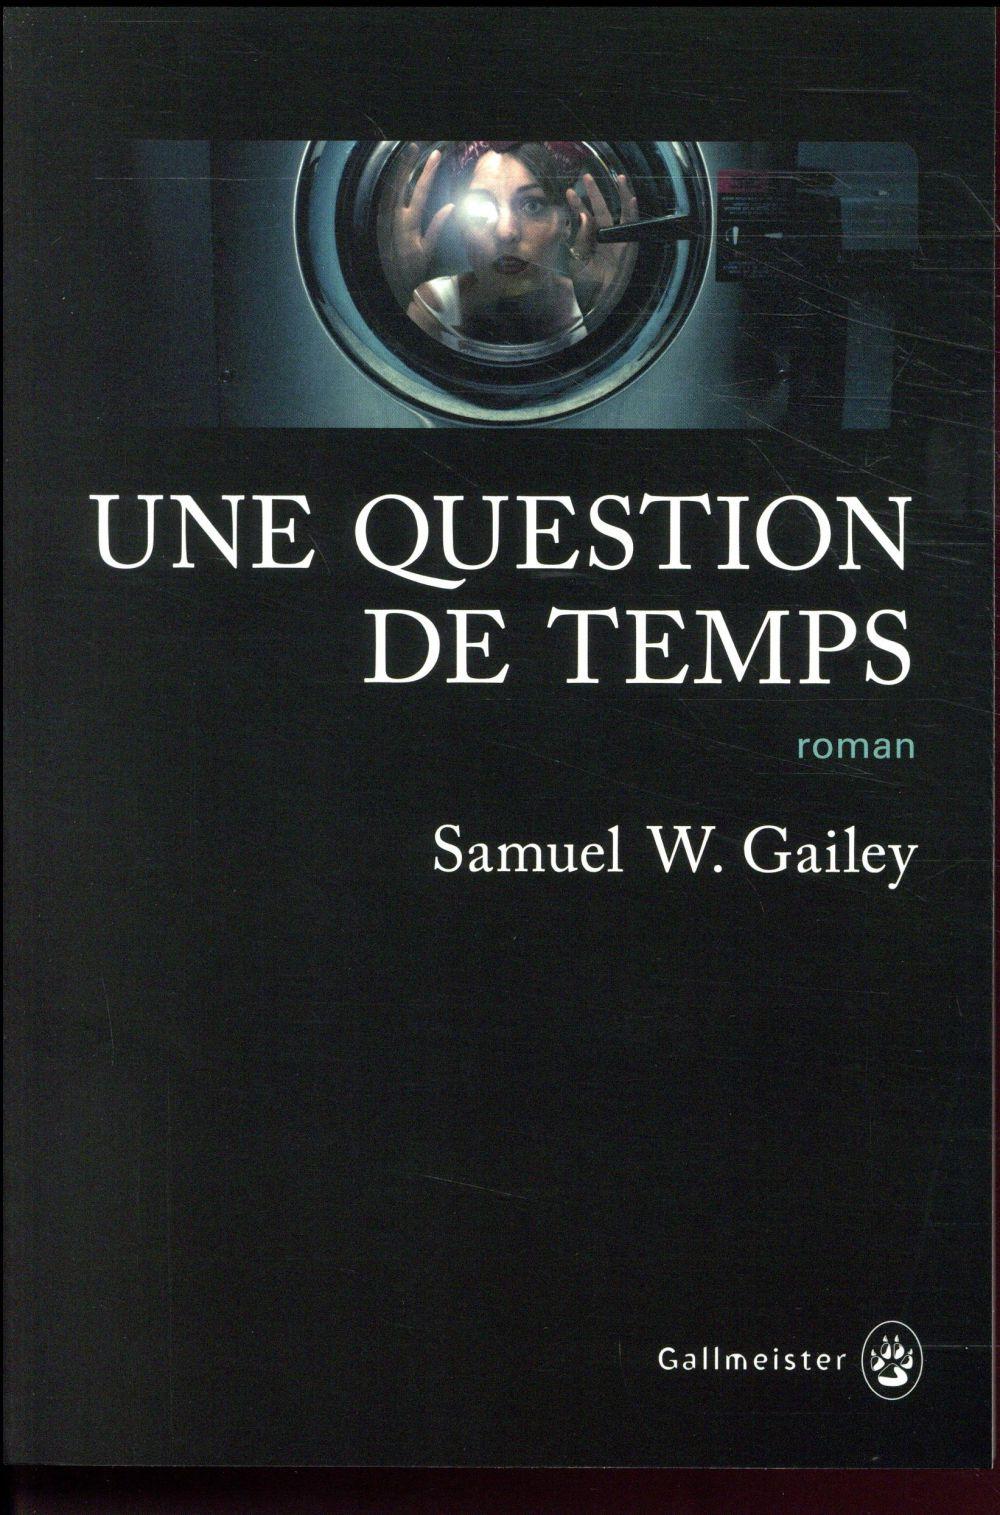 UNE QUESTION DE TEMPS